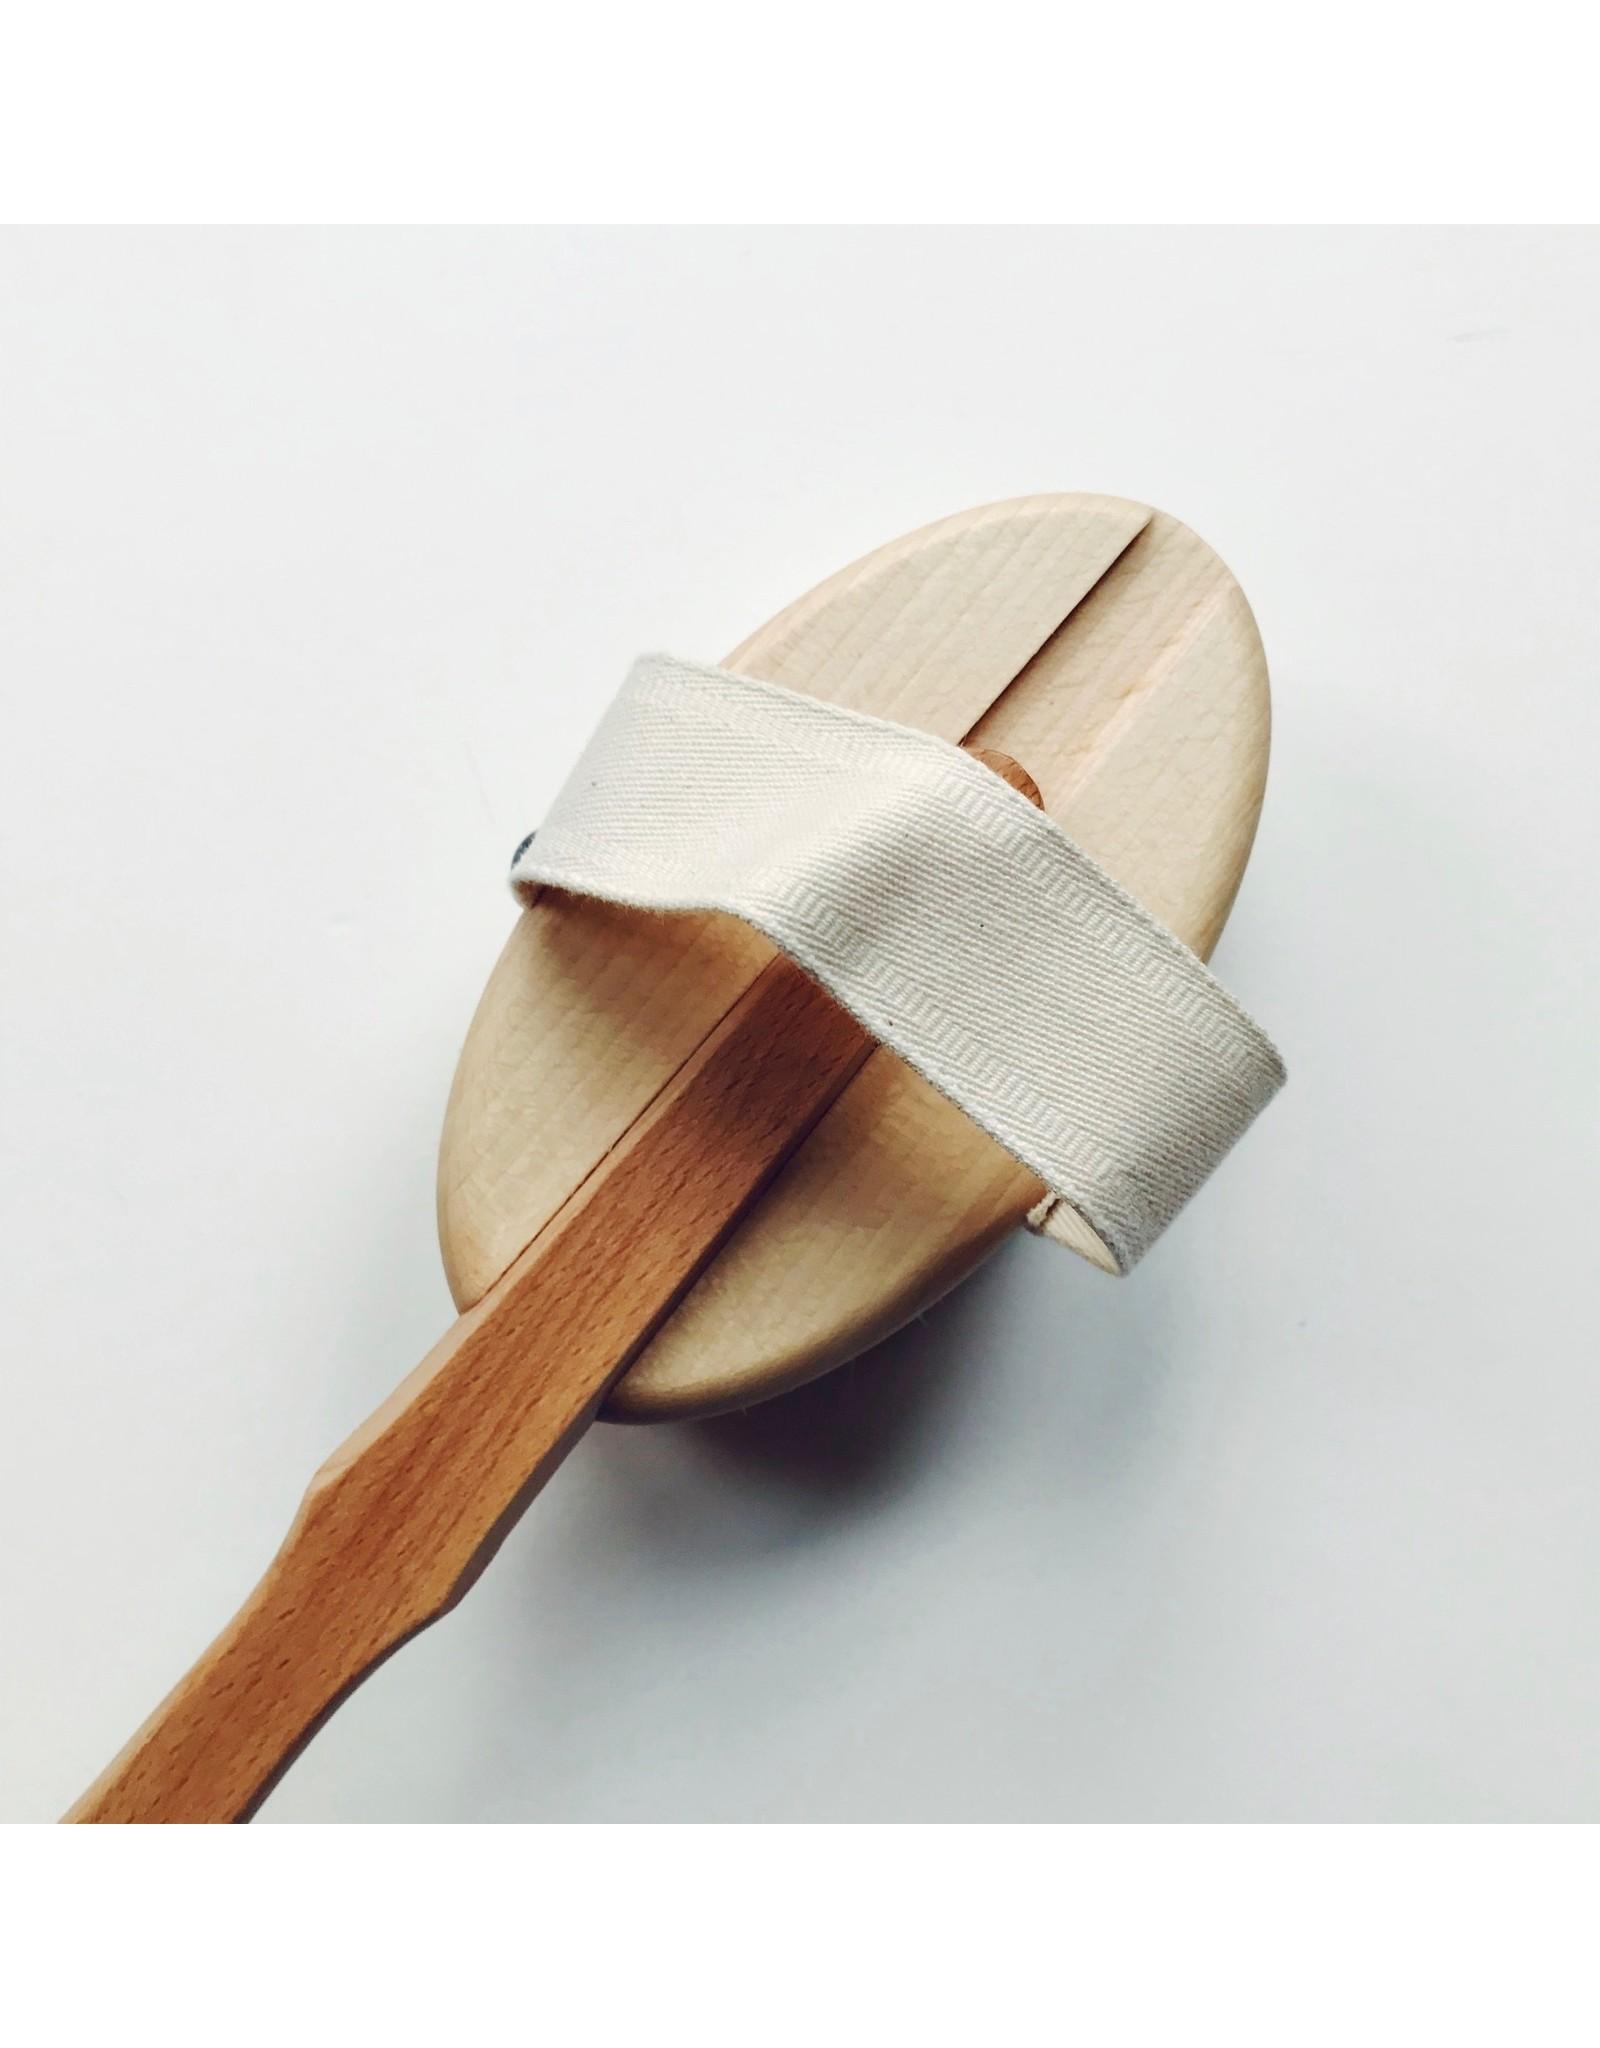 Wooden Body Brush